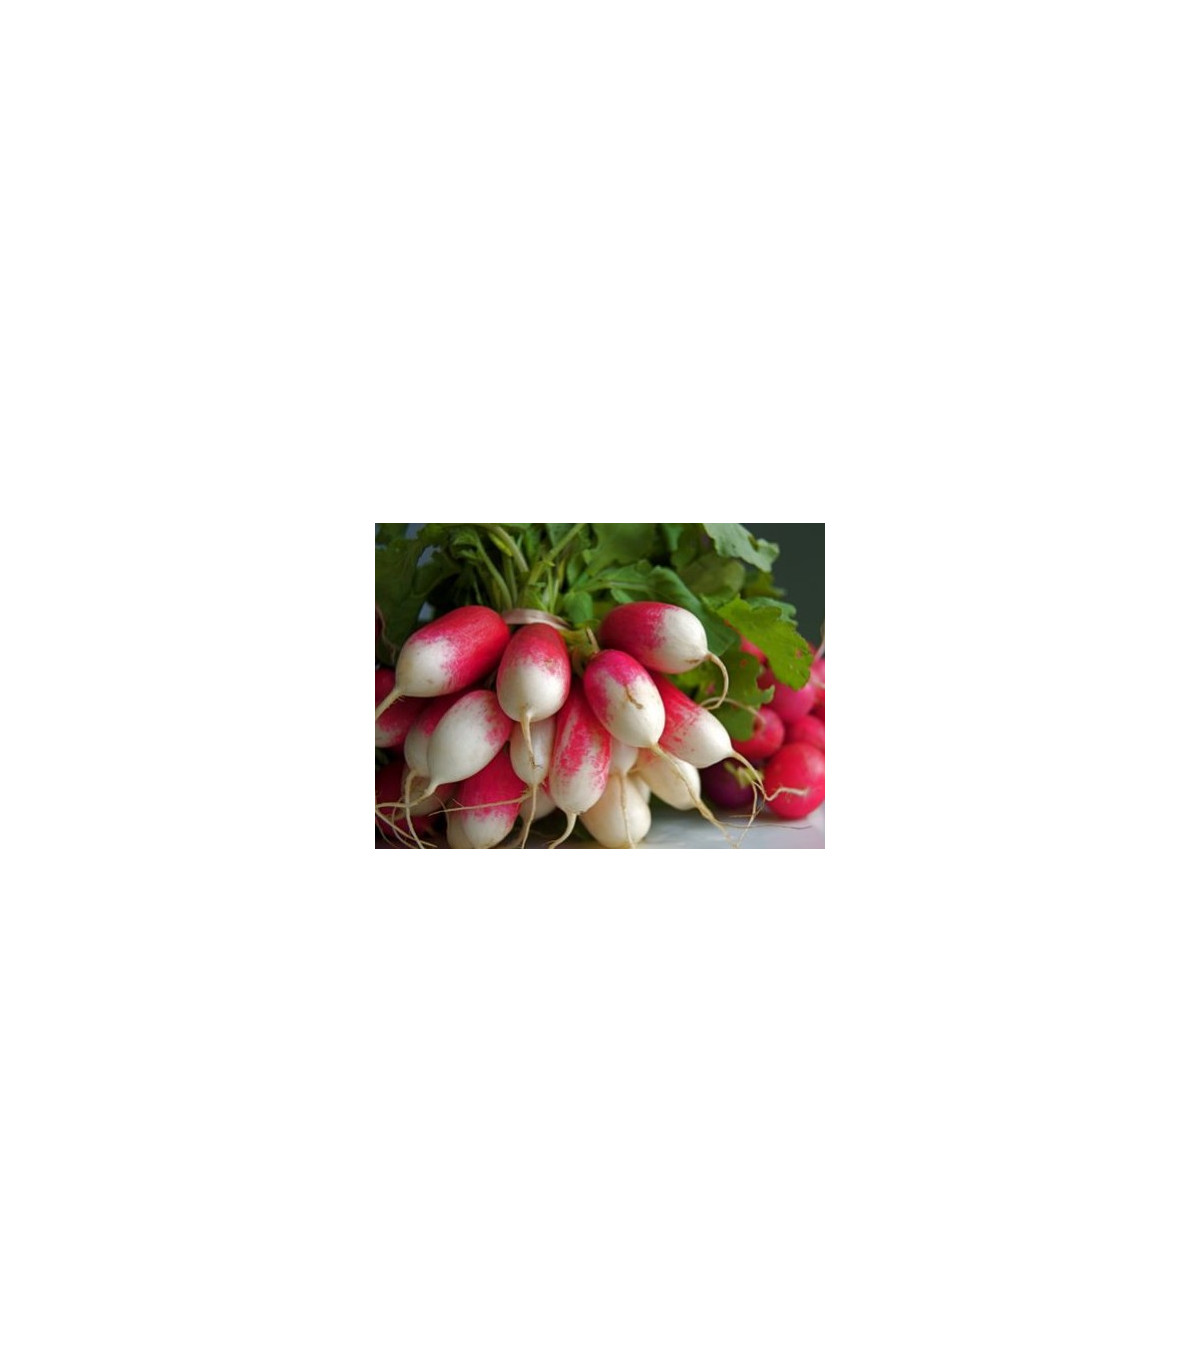 BIO Reďkev francúzska červenobiela - semená reďkovky - 0,3 g